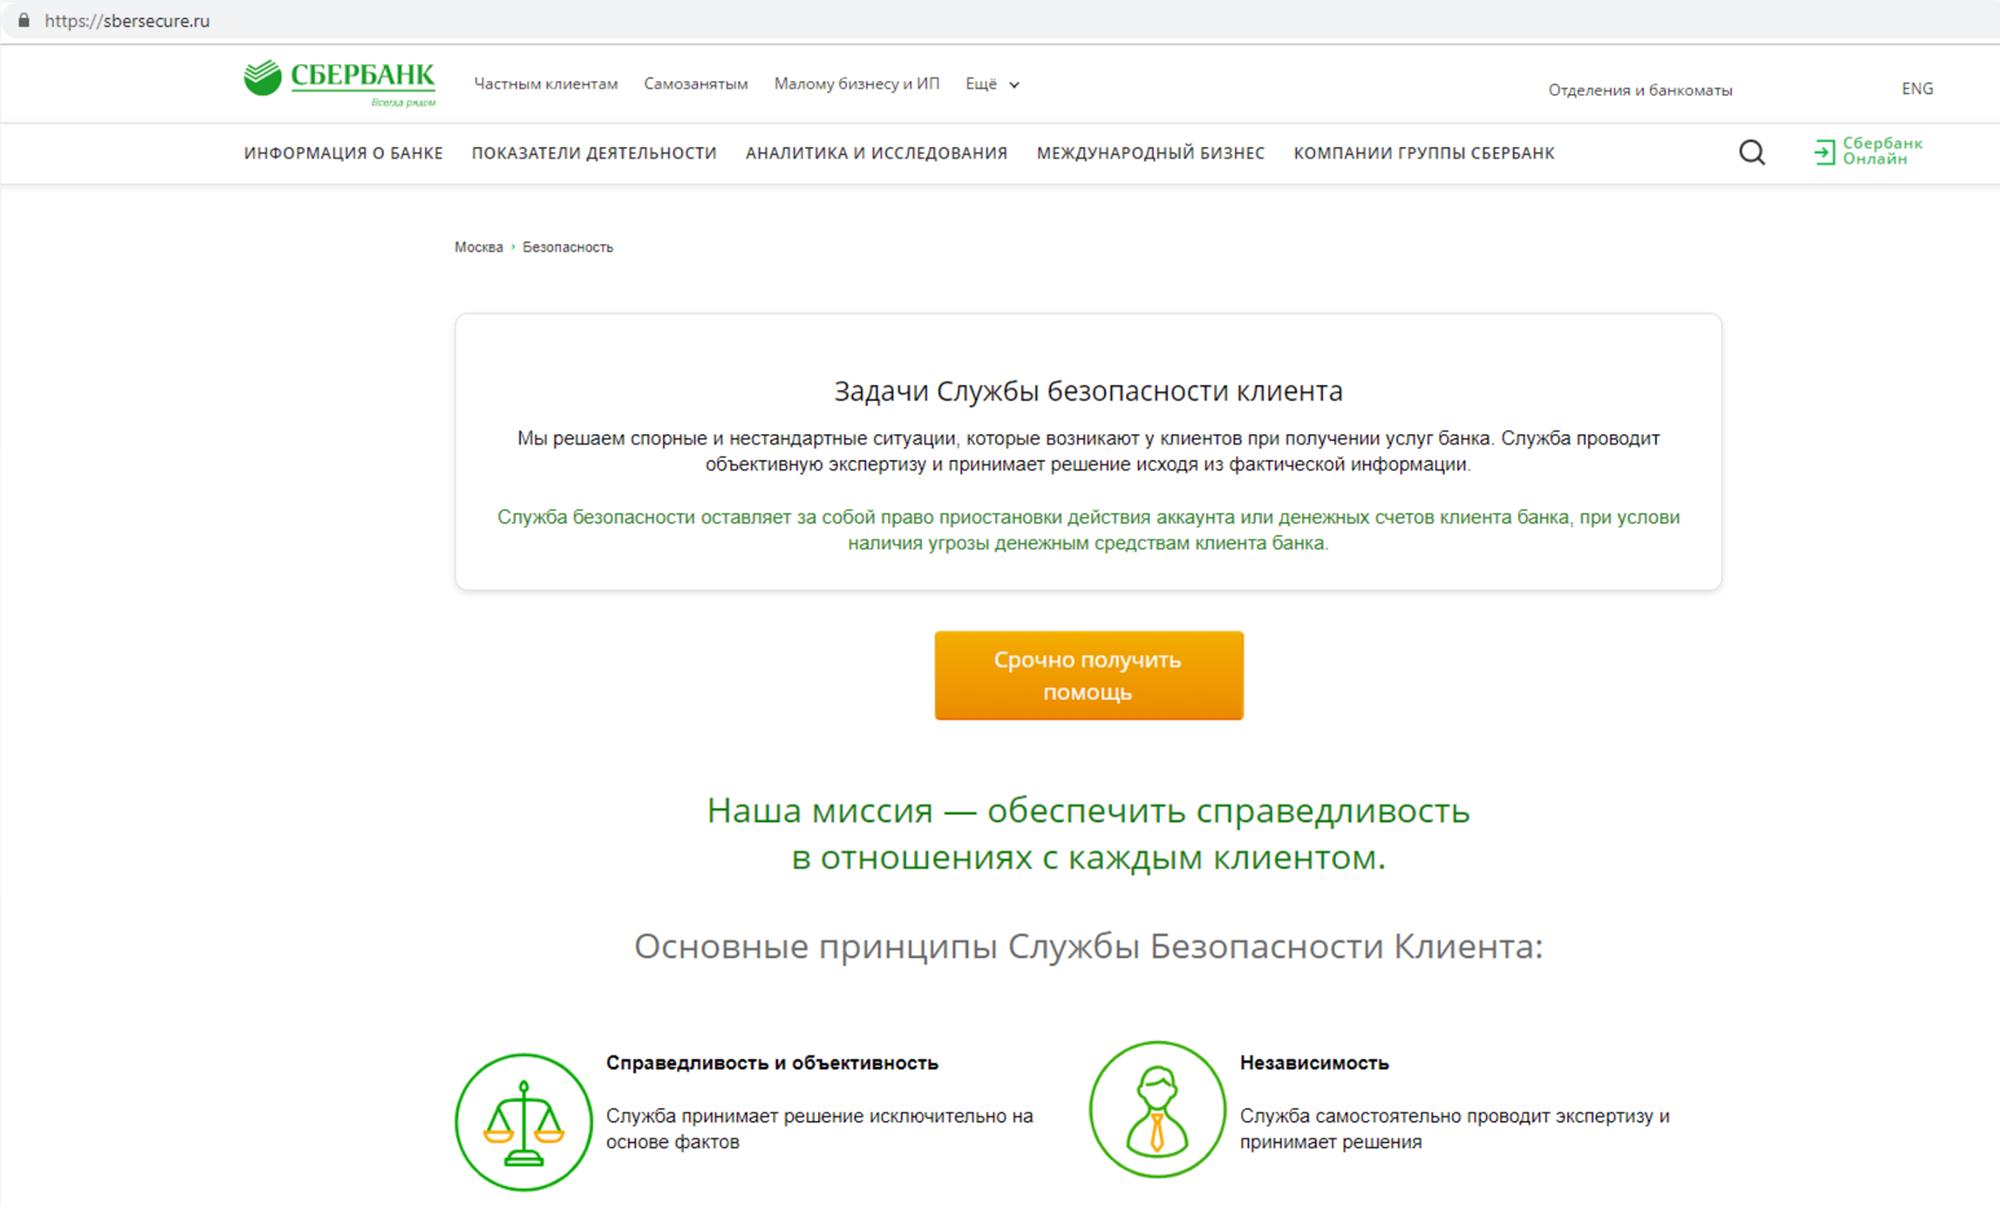 Один из сайтов-подделок, имитирующих сайт Сбербанка. Источник: pikabu.ru